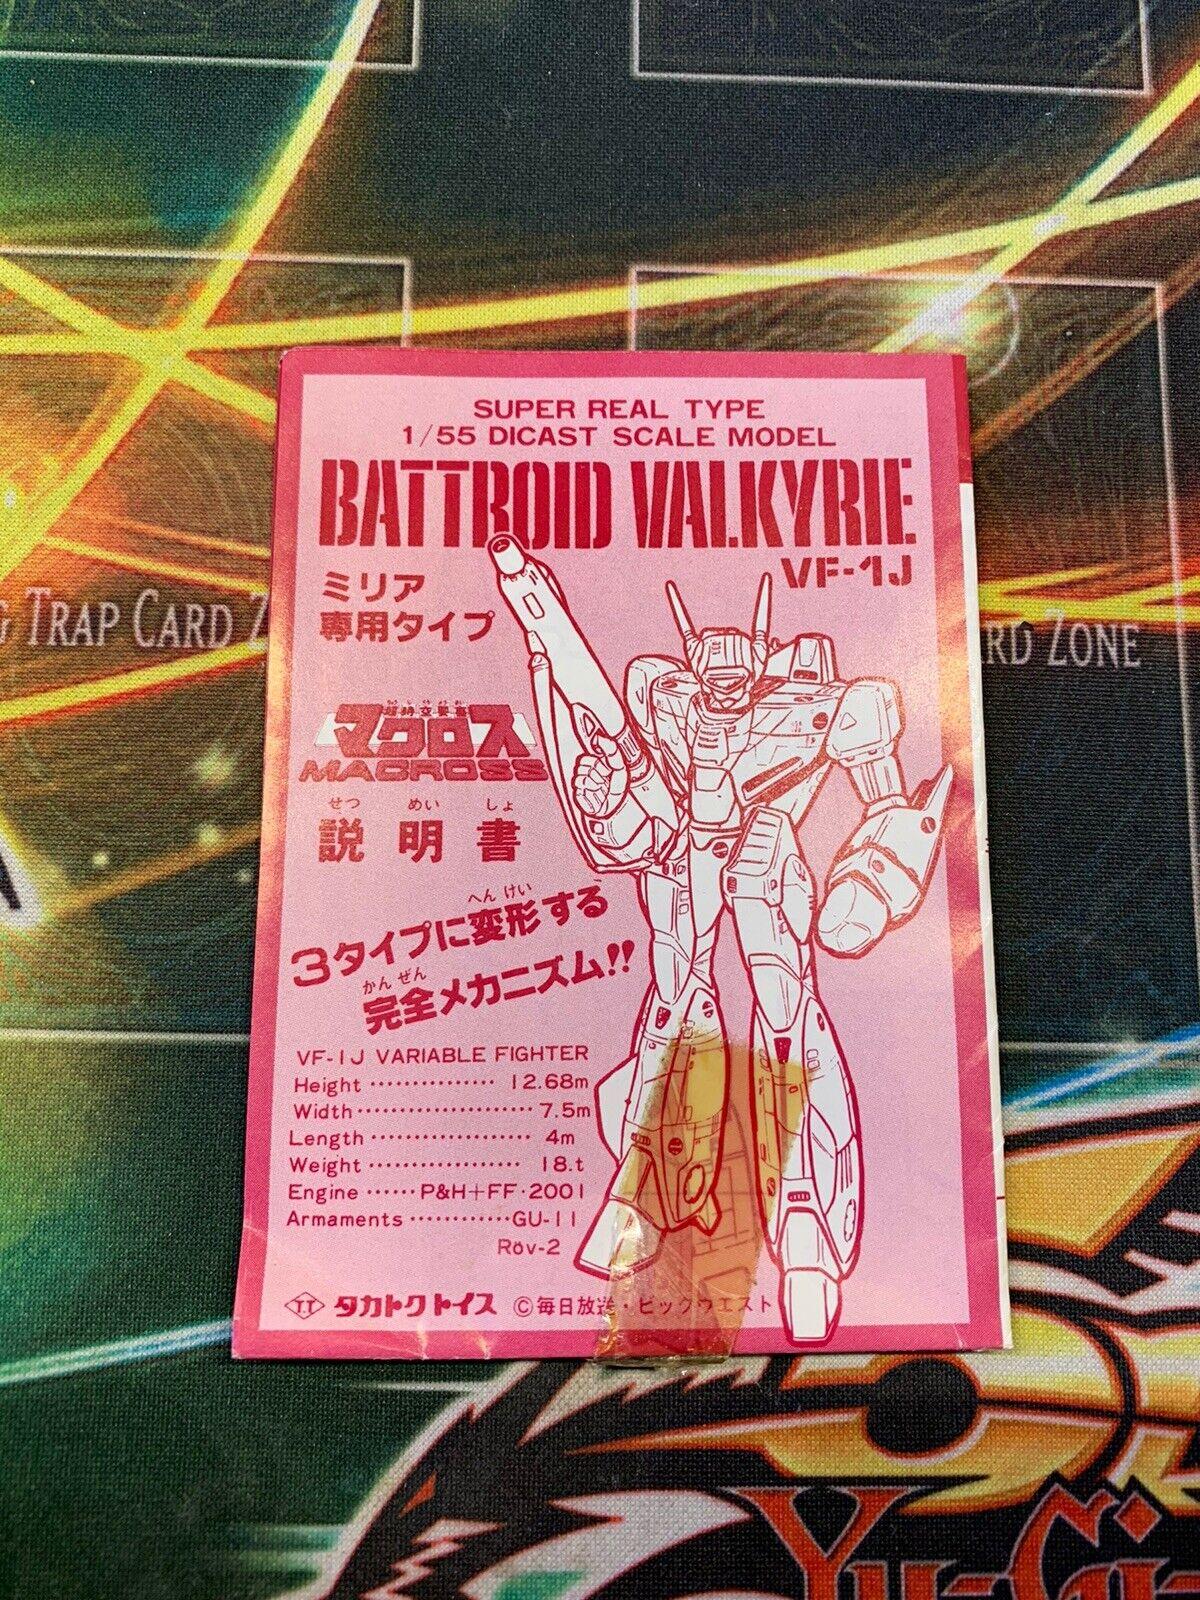 Takatoku MACROSS 155 Milia In perfatta condizione1J BATTERIE Valkyrie foglio di istruzioni